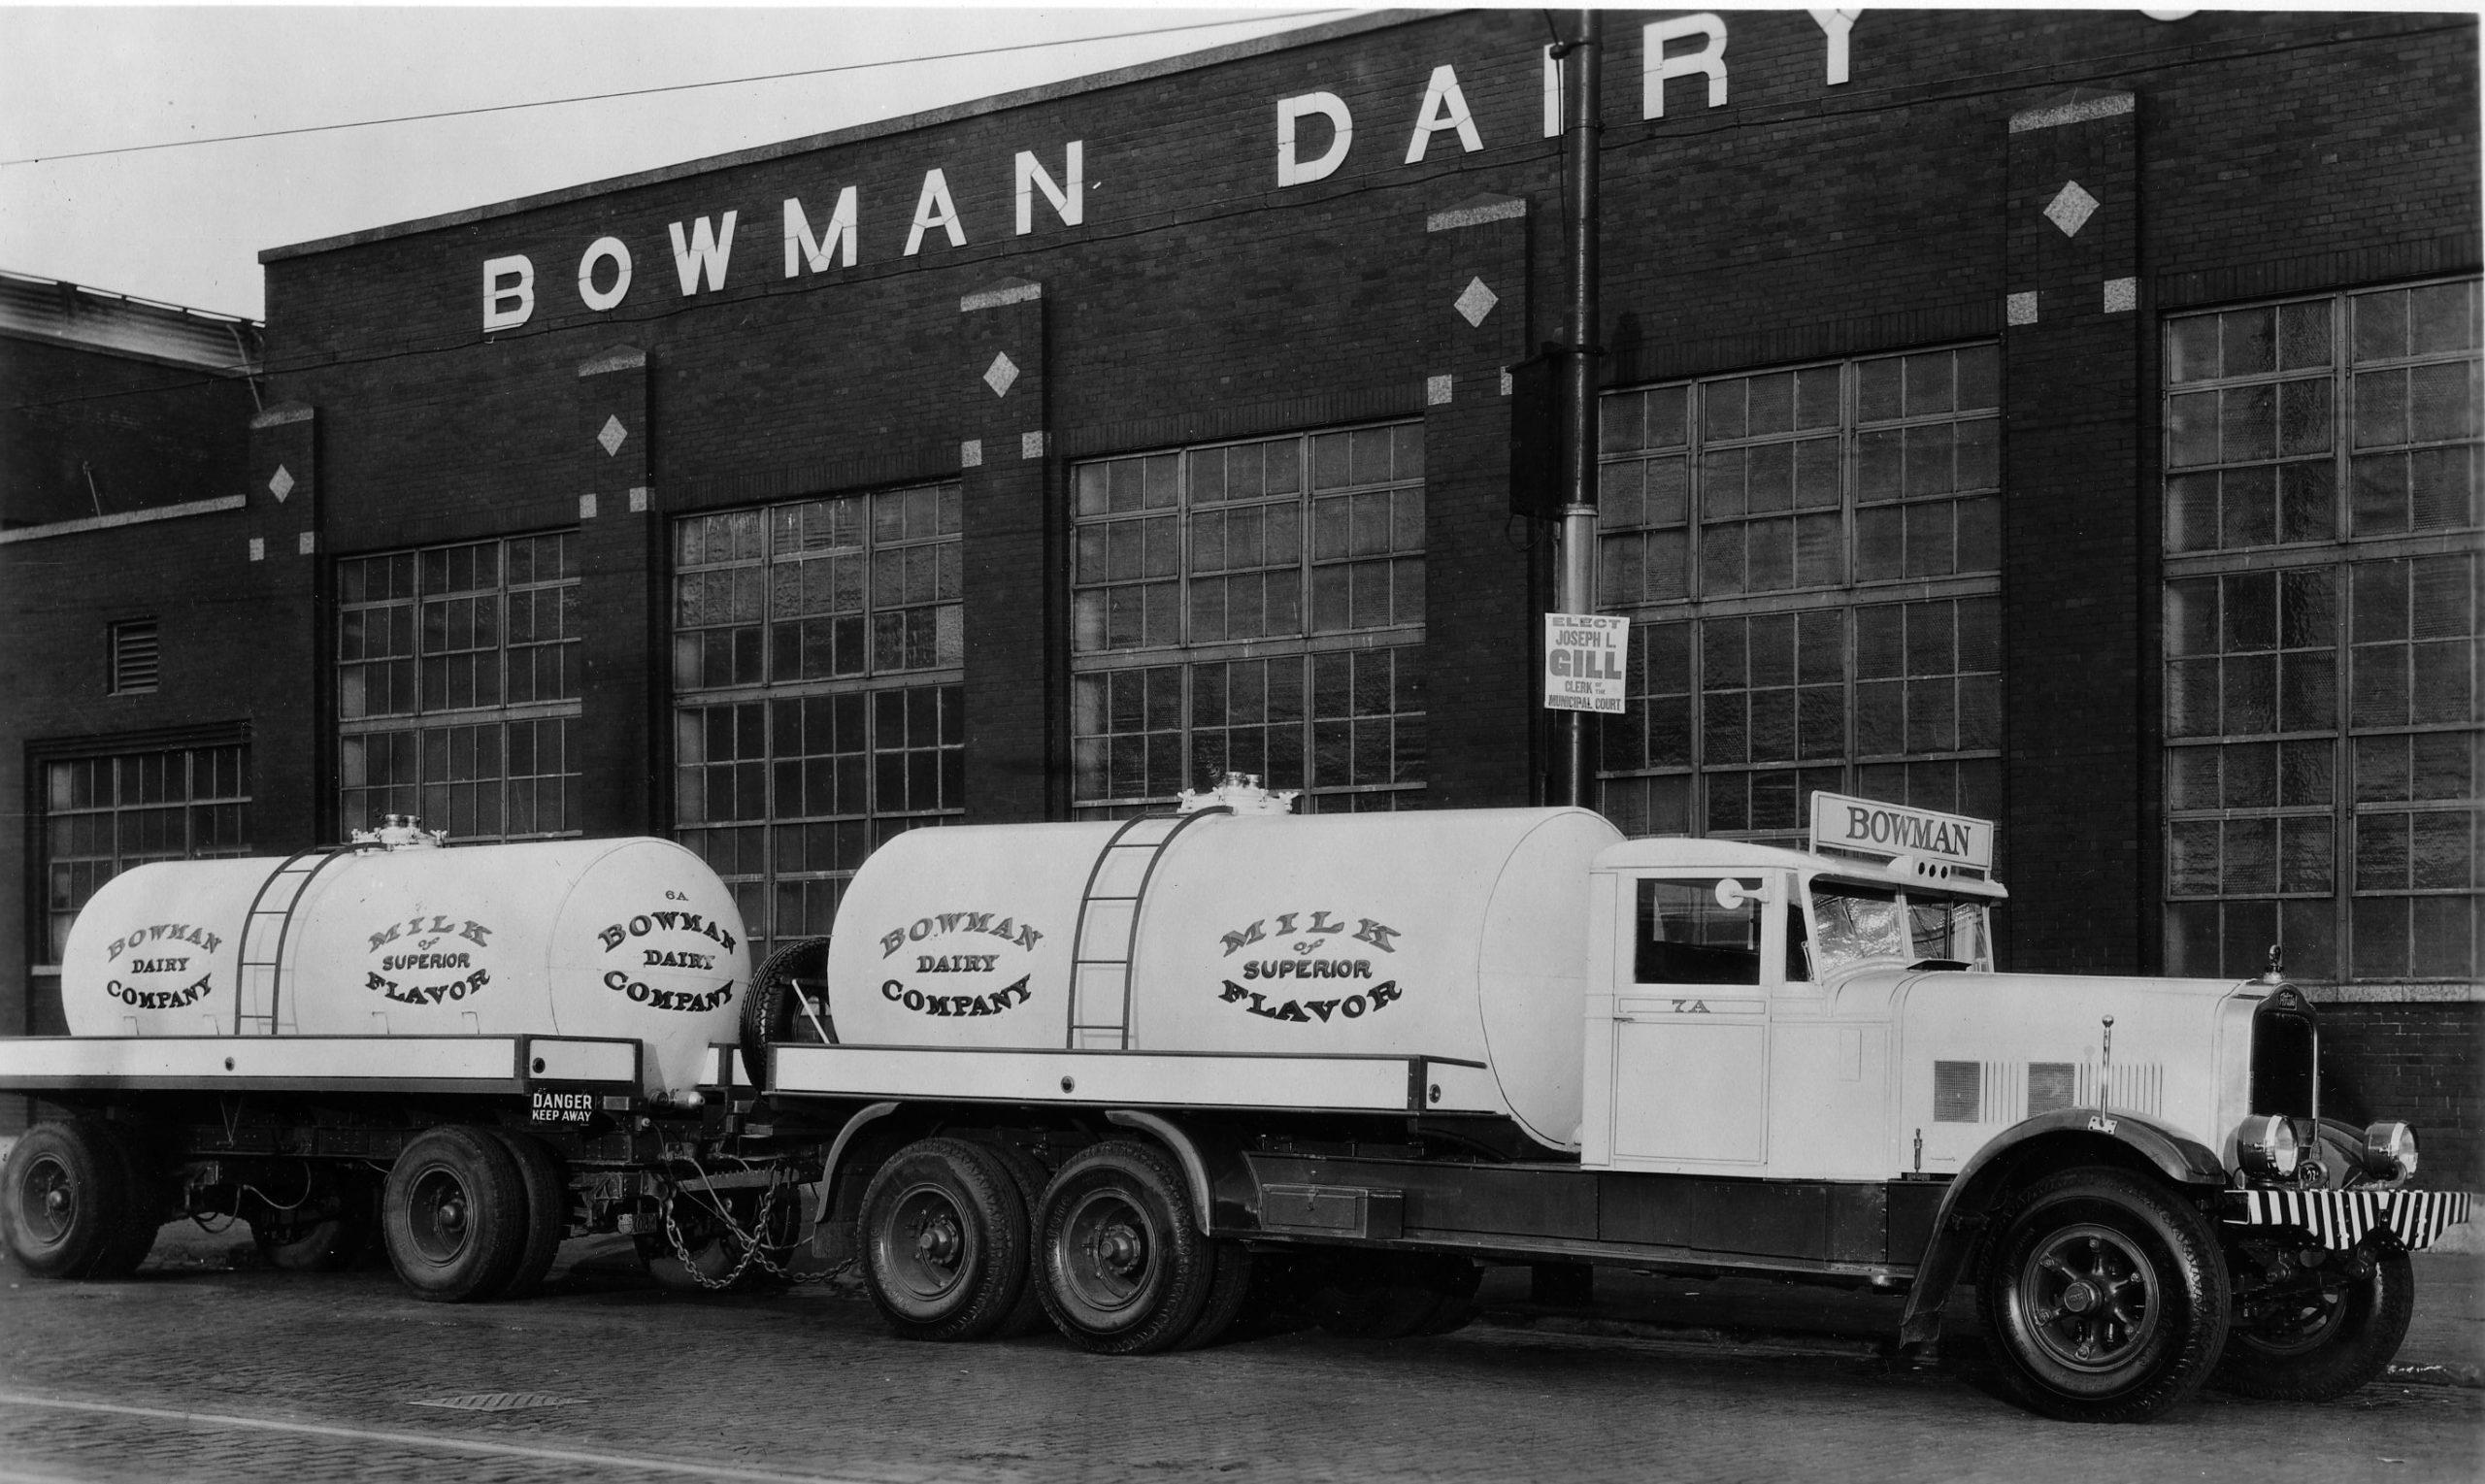 Bowman-Dairy